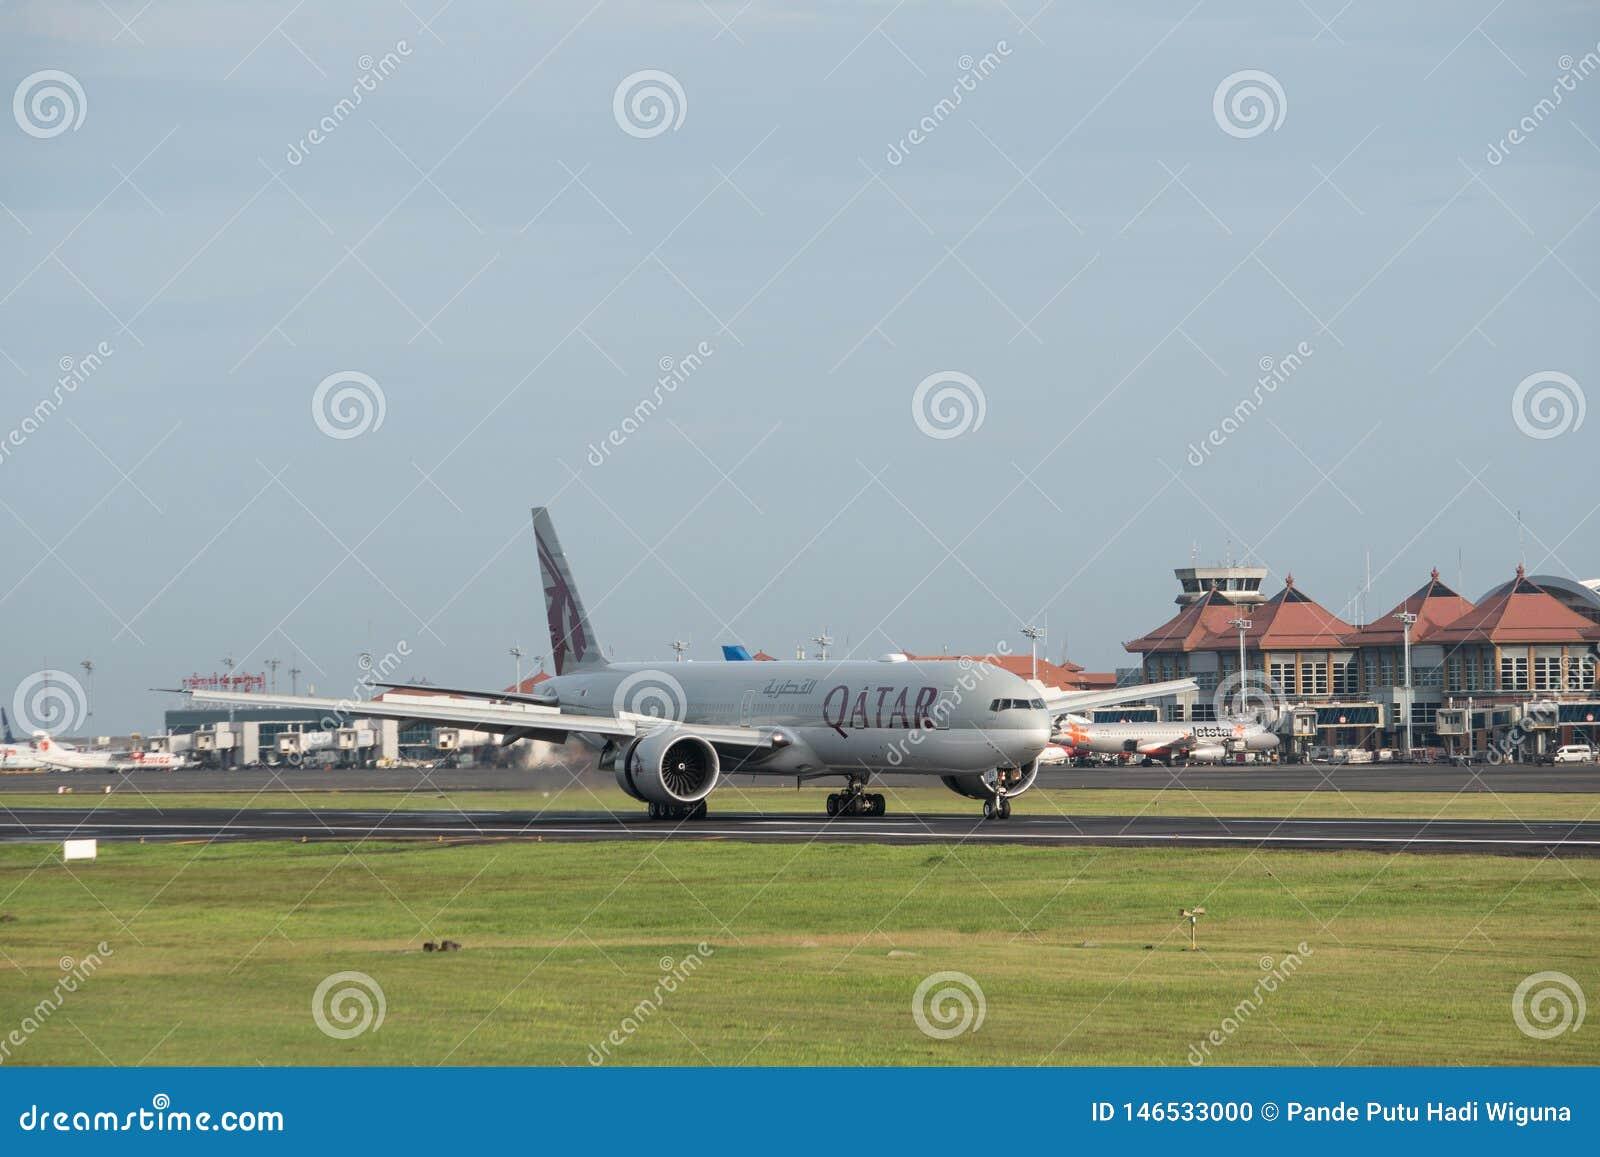 DENPASAR/BALI-, 20. APRIL 2019: Die Verkehrsflugzeuge, die durch wei?e indonesische Garuda-Fluglinien besessen werden, gehen f?r